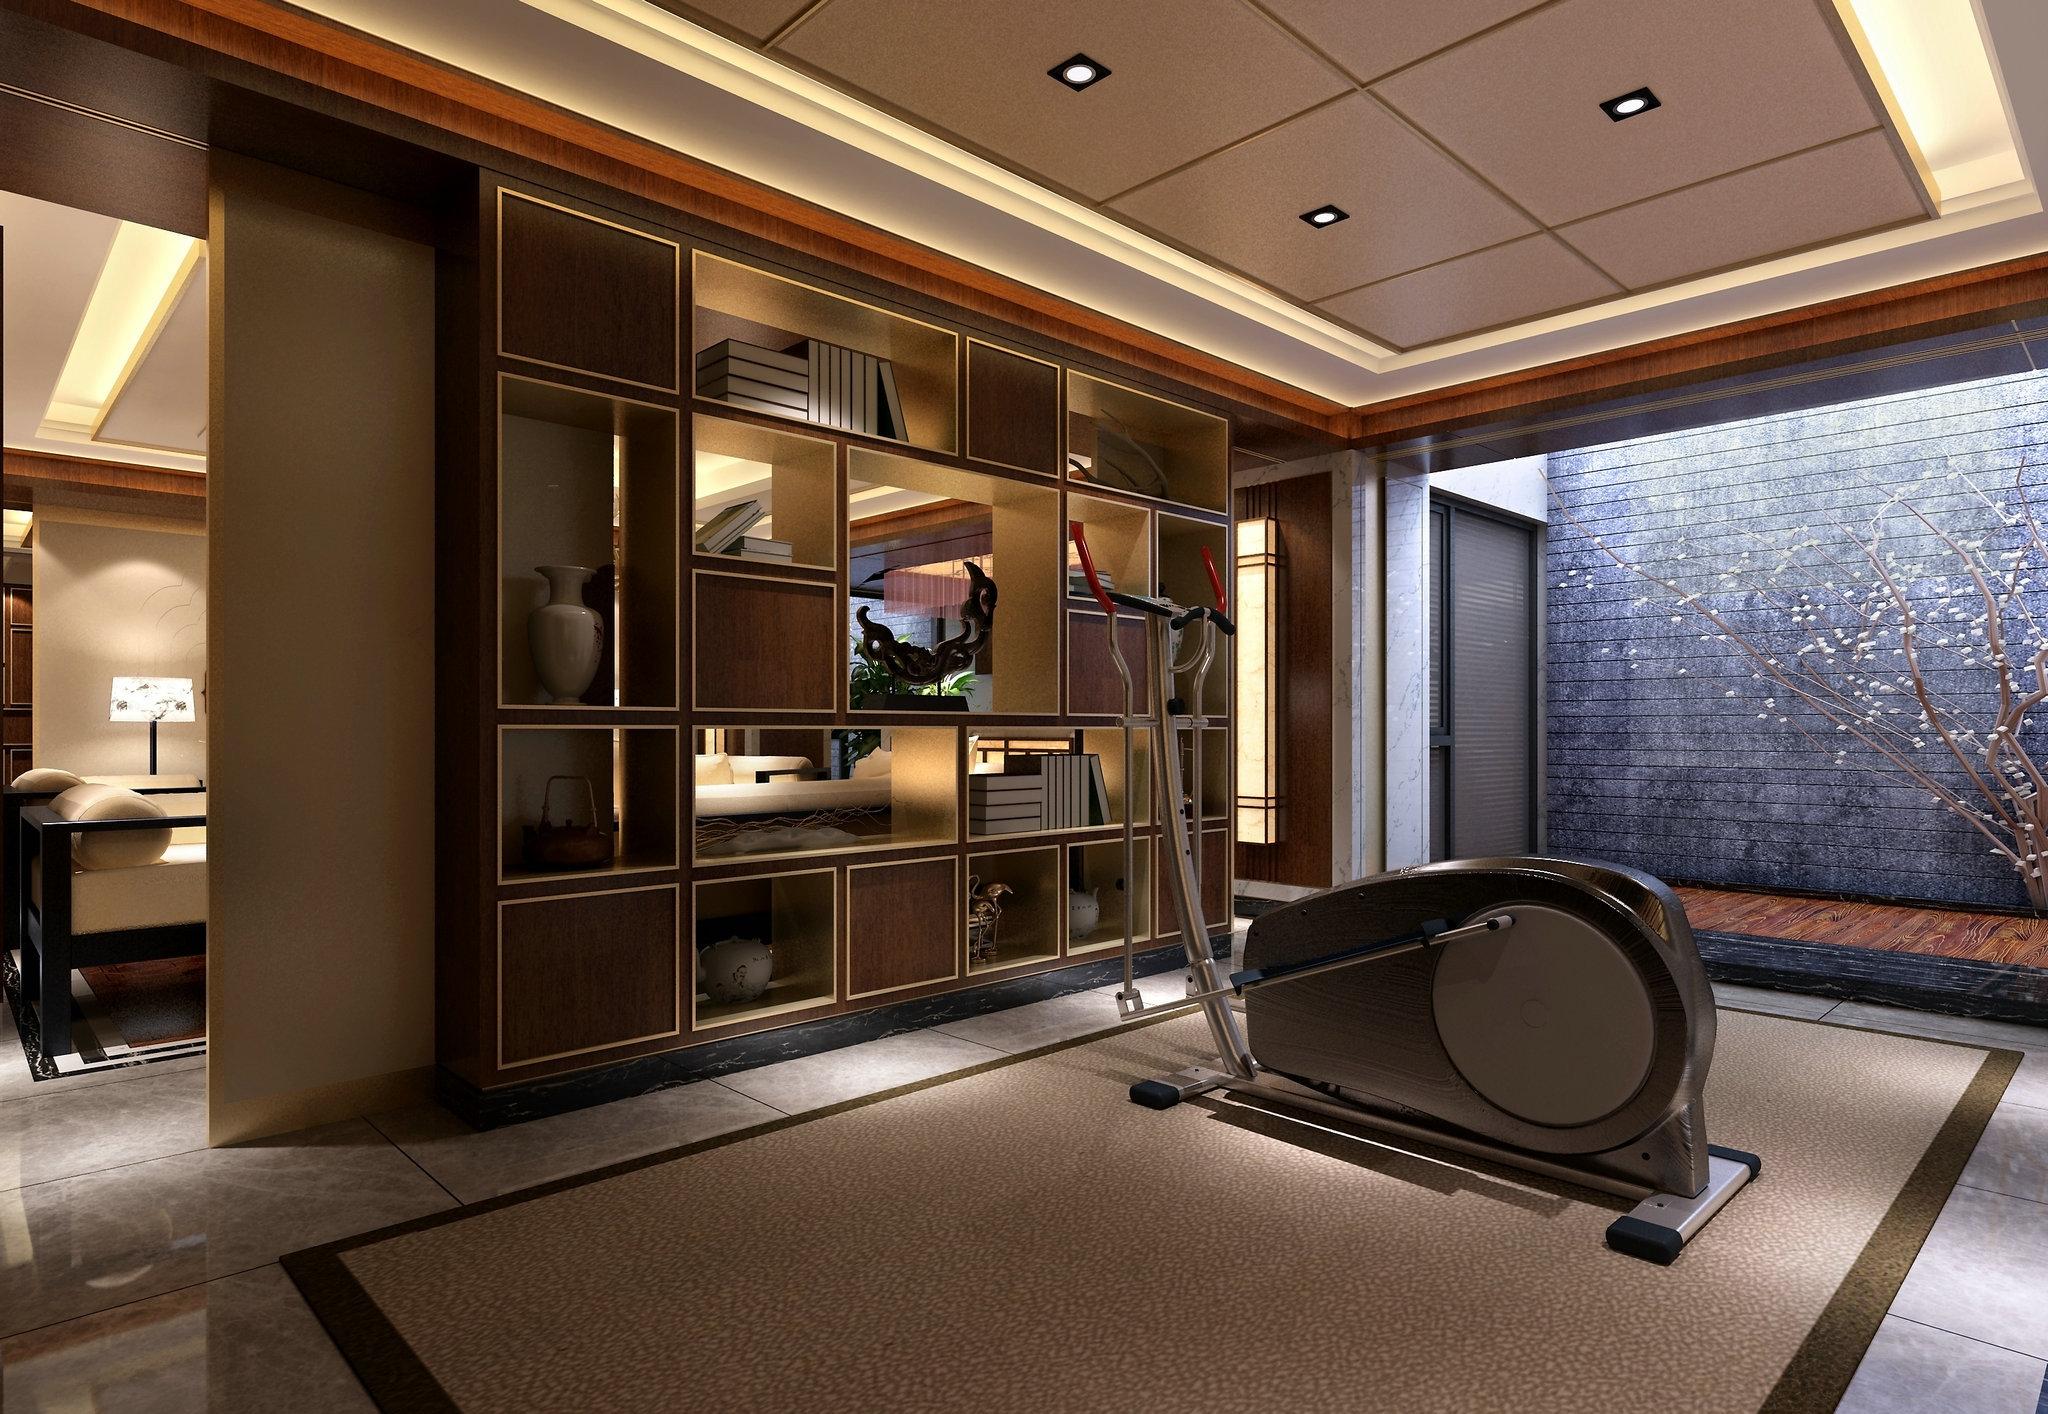 国宾一号 别墅装修 腾龙设计 中式风格 书房图片来自腾龙设计在国宾一号别墅装修欧美风格设计的分享